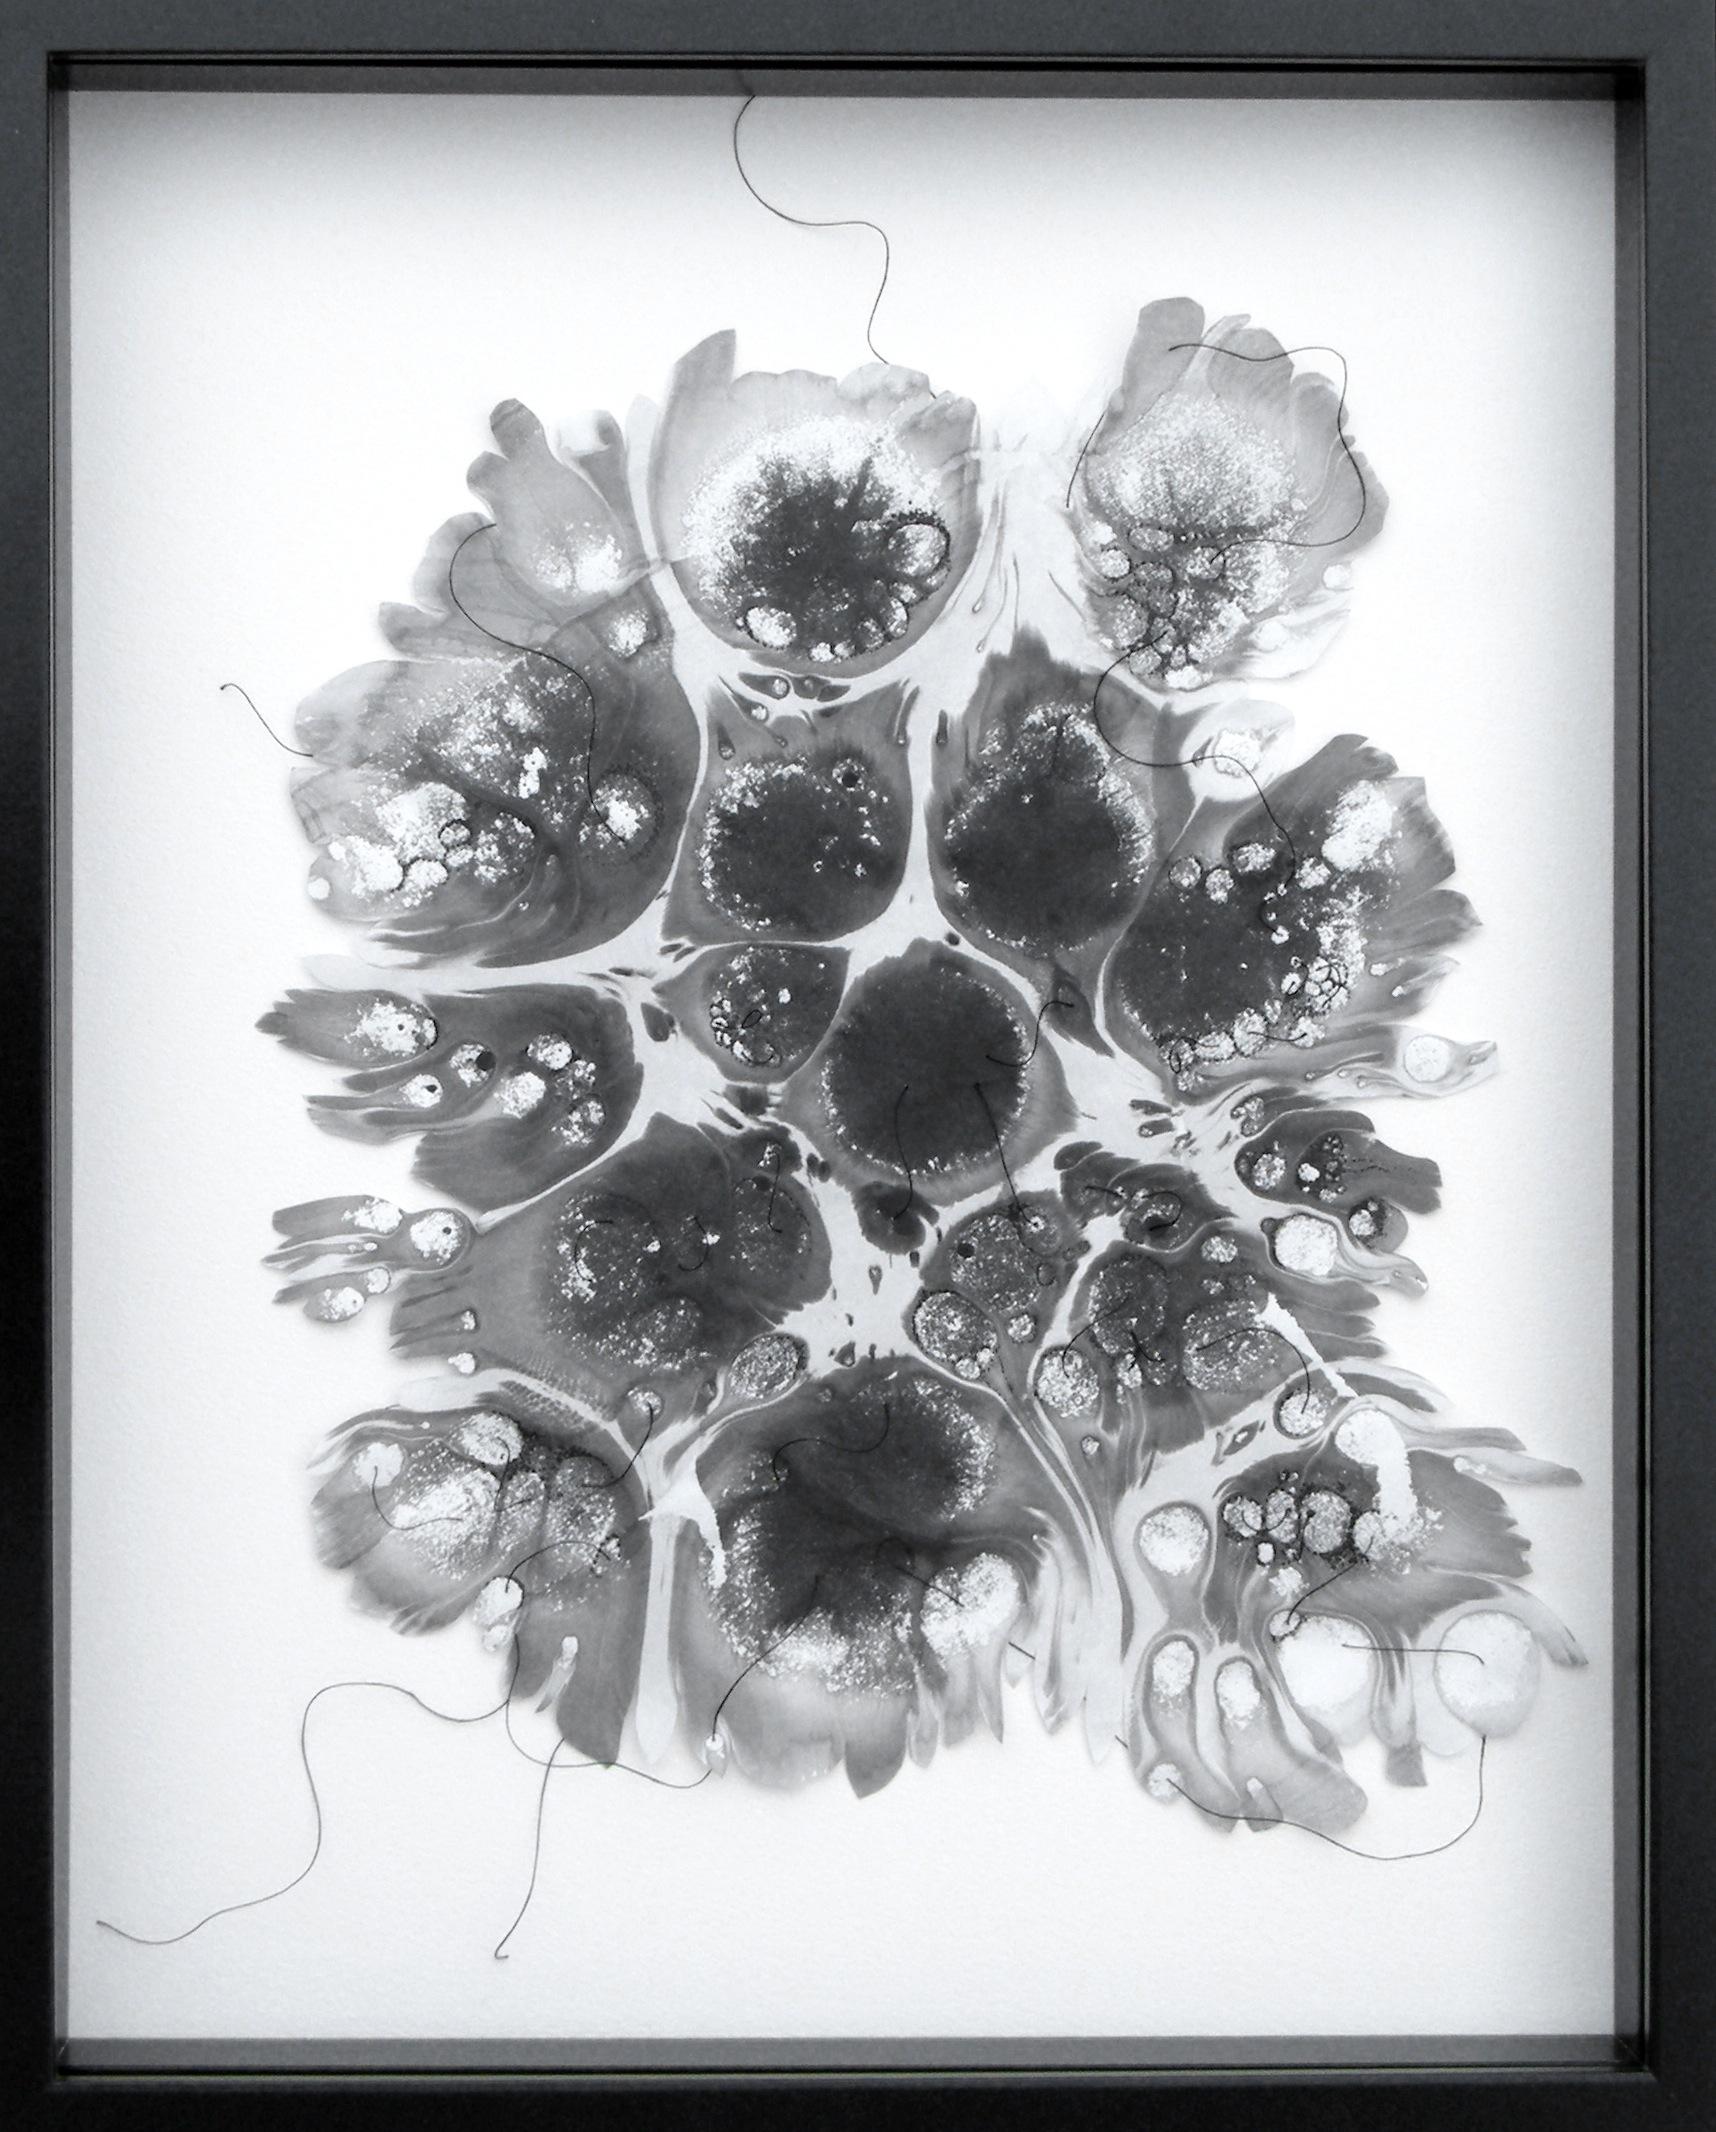 Flottement solitaire   ,  2019  Papier Wenzhou – encre de chine et fil  50 x 40 cm